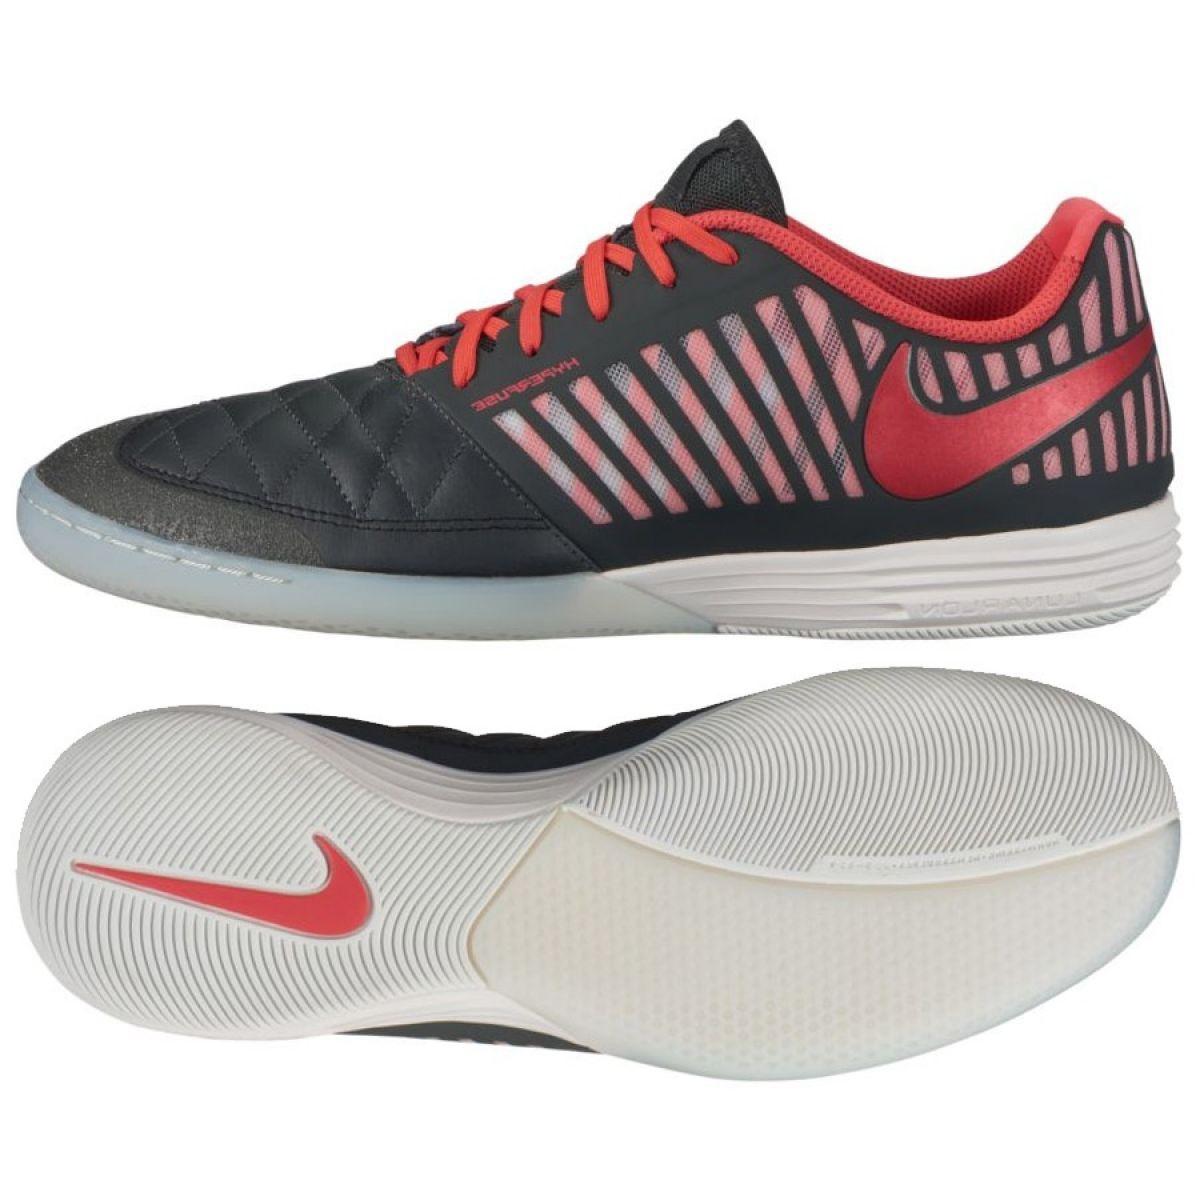 580456 Ii Chaussures Ic Nike D'intérieur Lunargato M 080 n0mNvwO8